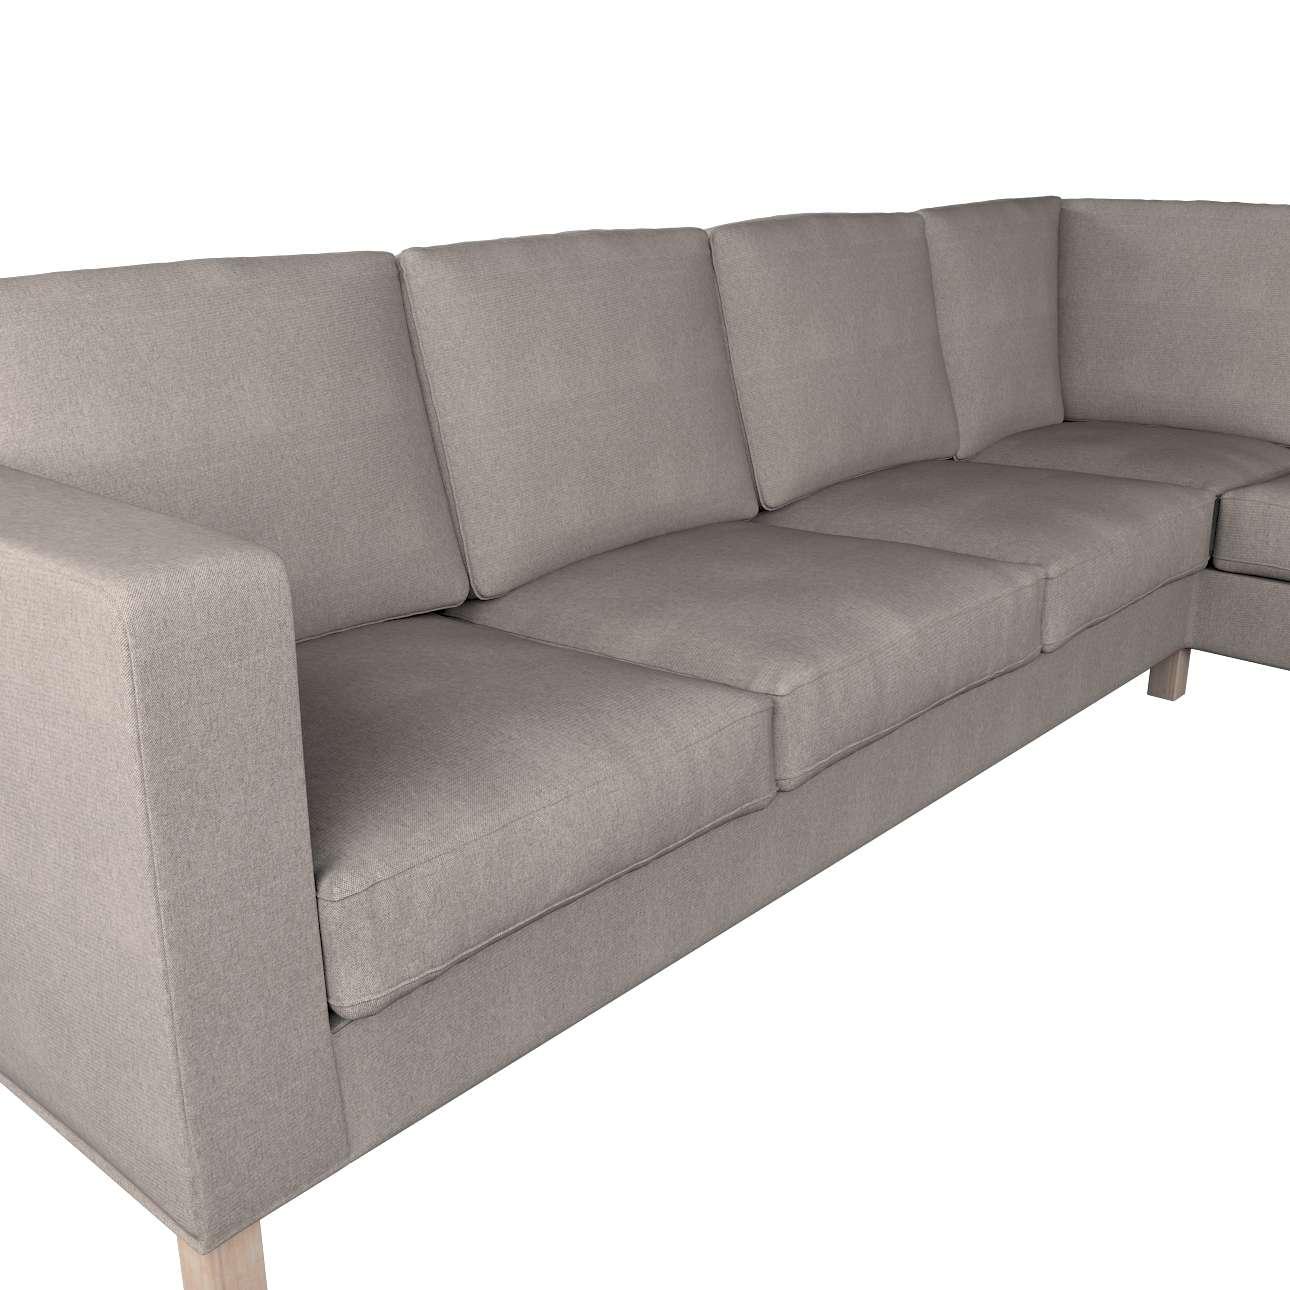 Pokrowiec na sofę narożną lewostronną Karlanda w kolekcji Etna, tkanina: 705-09